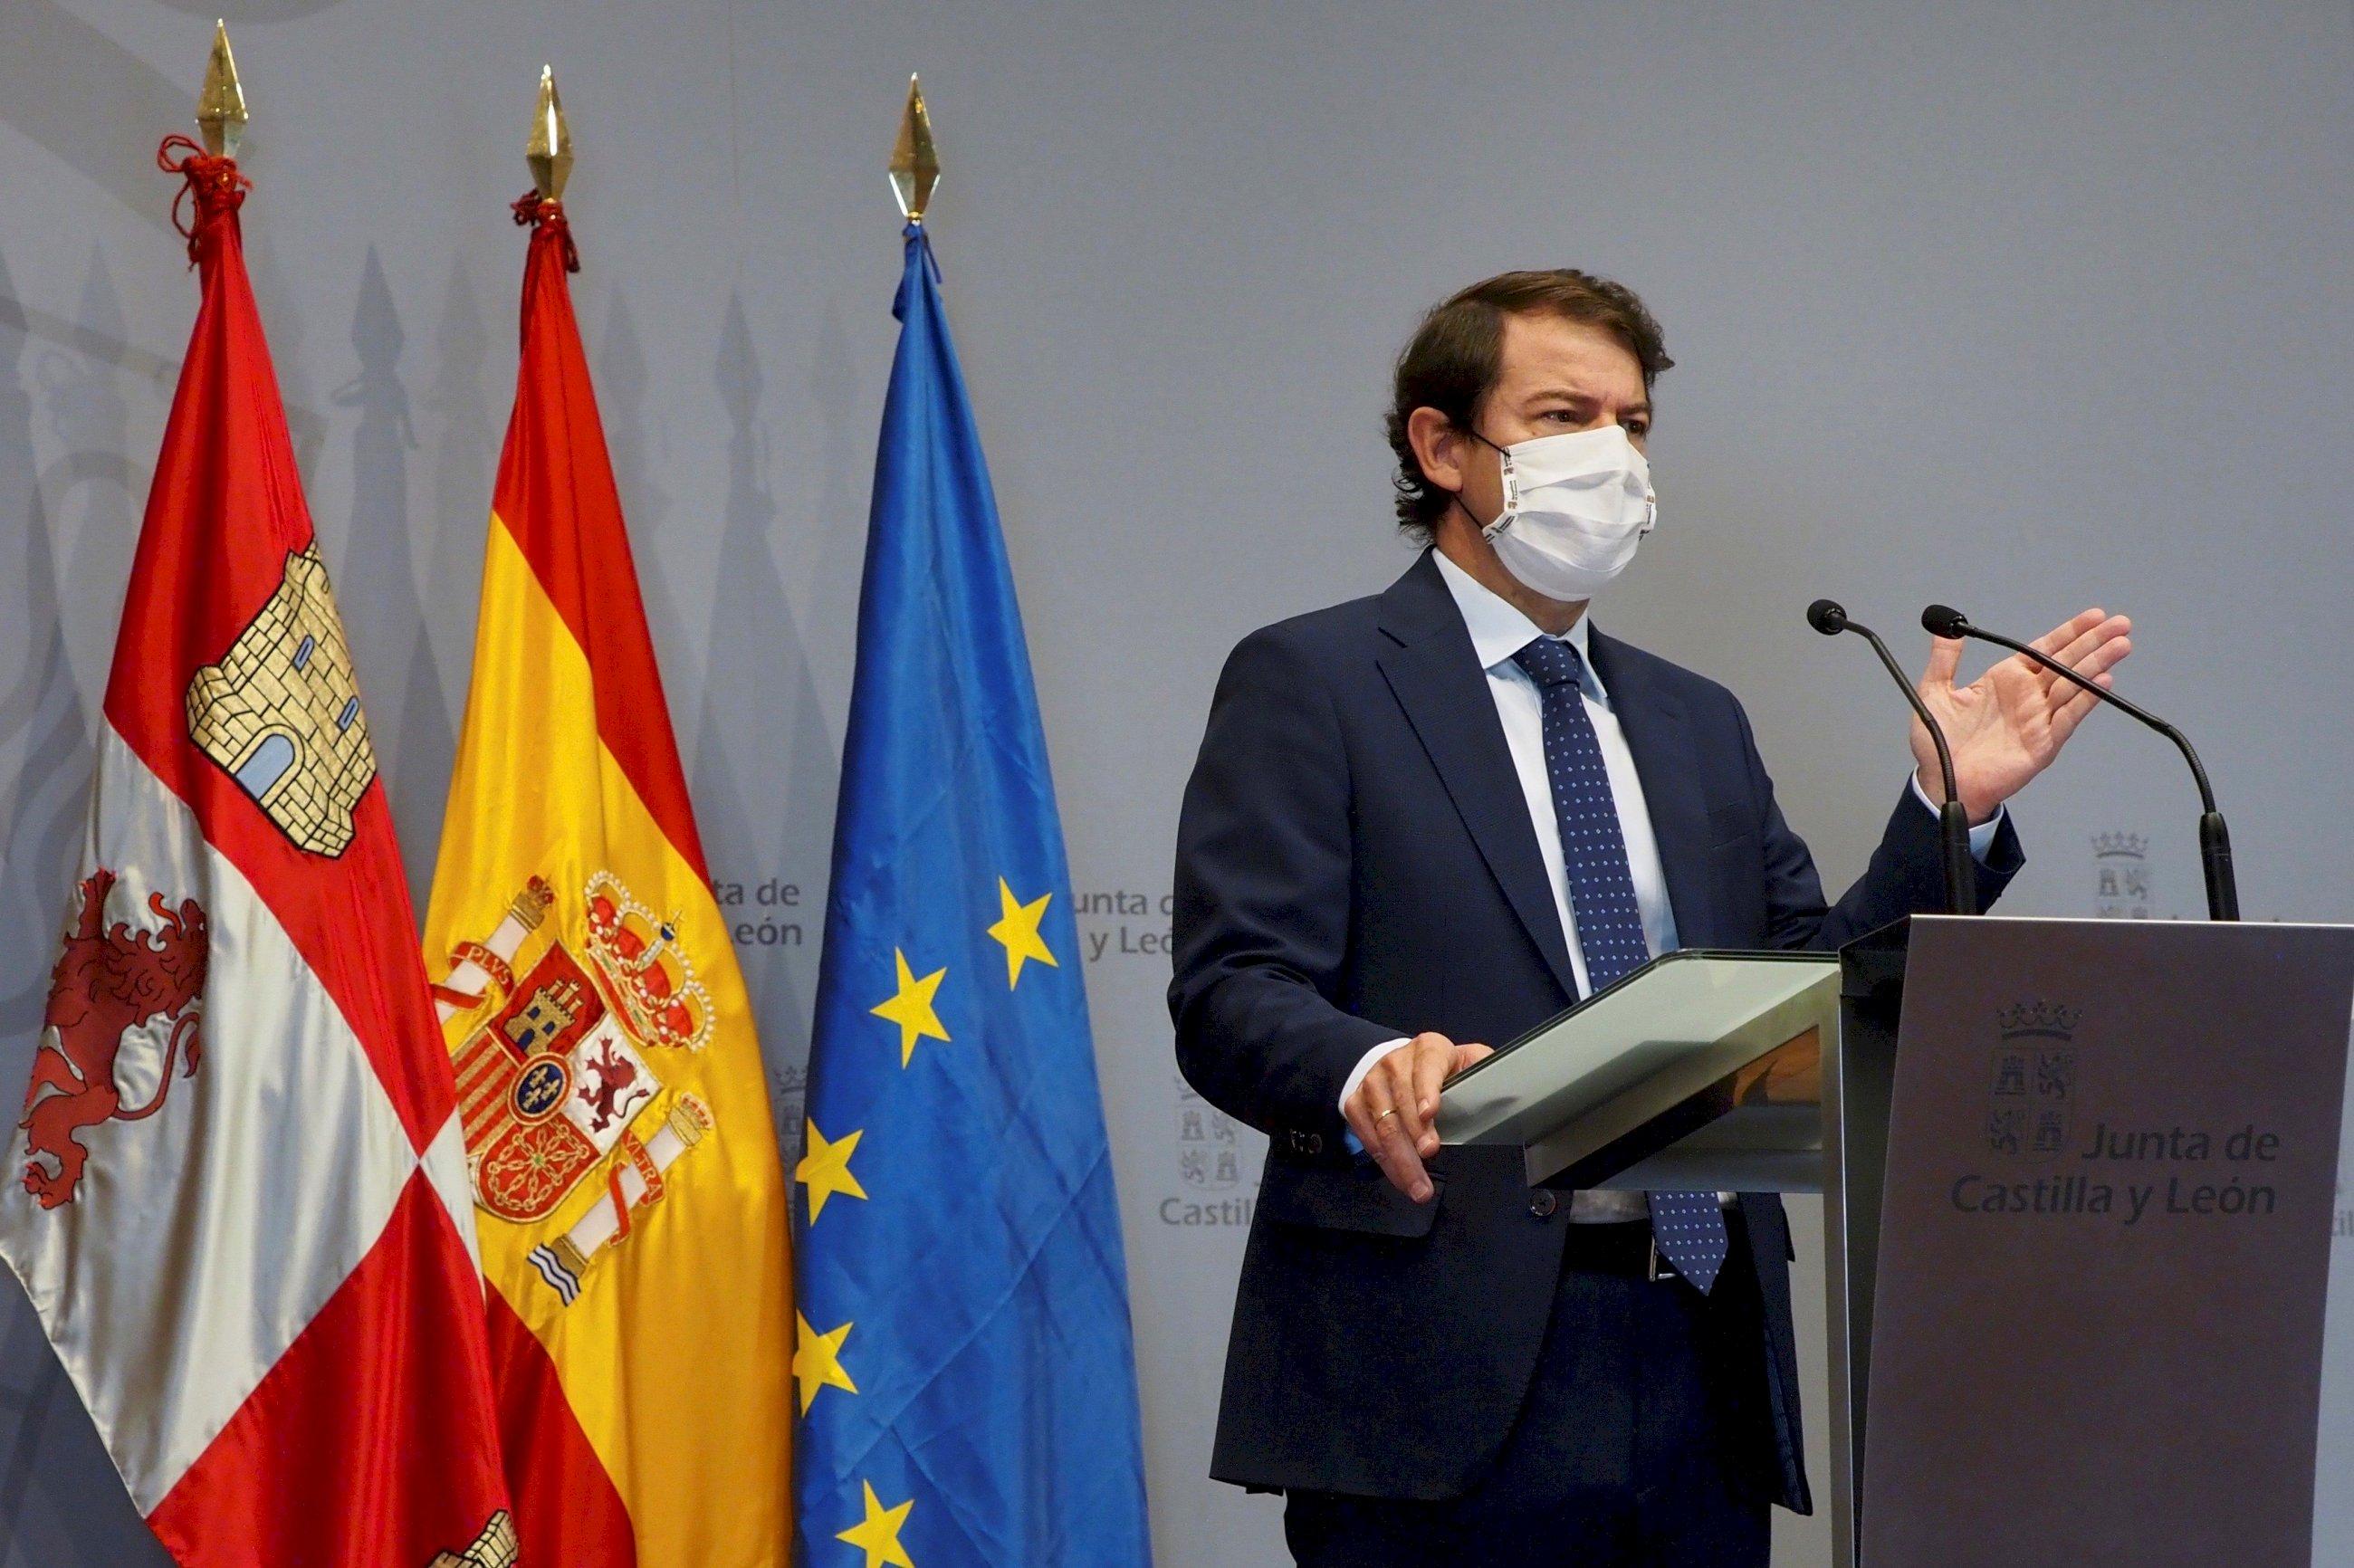 Castilla y León desafía a Illa y decreta el toque de queda a las 8 de la tarde